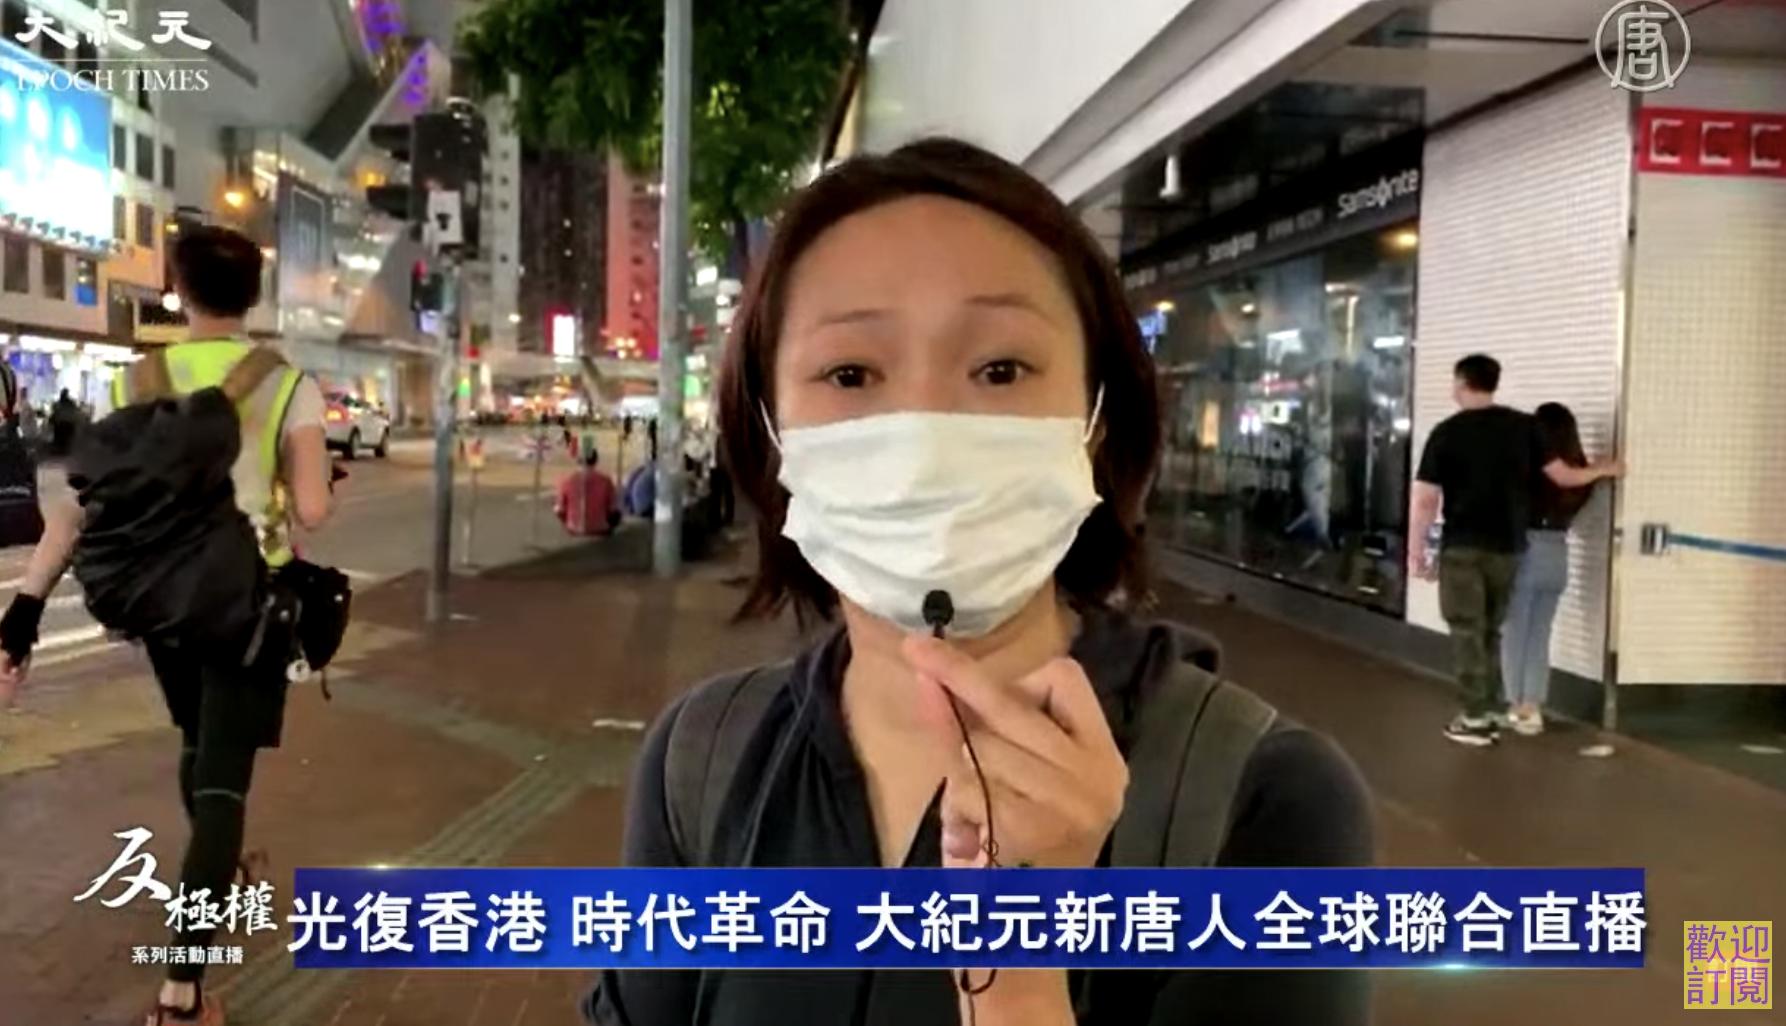 11月2日,參加銅鑼灣抗爭活動的一名女香表示,大紀元在報道香港人的抗爭走得相當超前,她說:「清楚看到,是你們(大紀元)陪著我們一步步在走。」(視頻截圖)